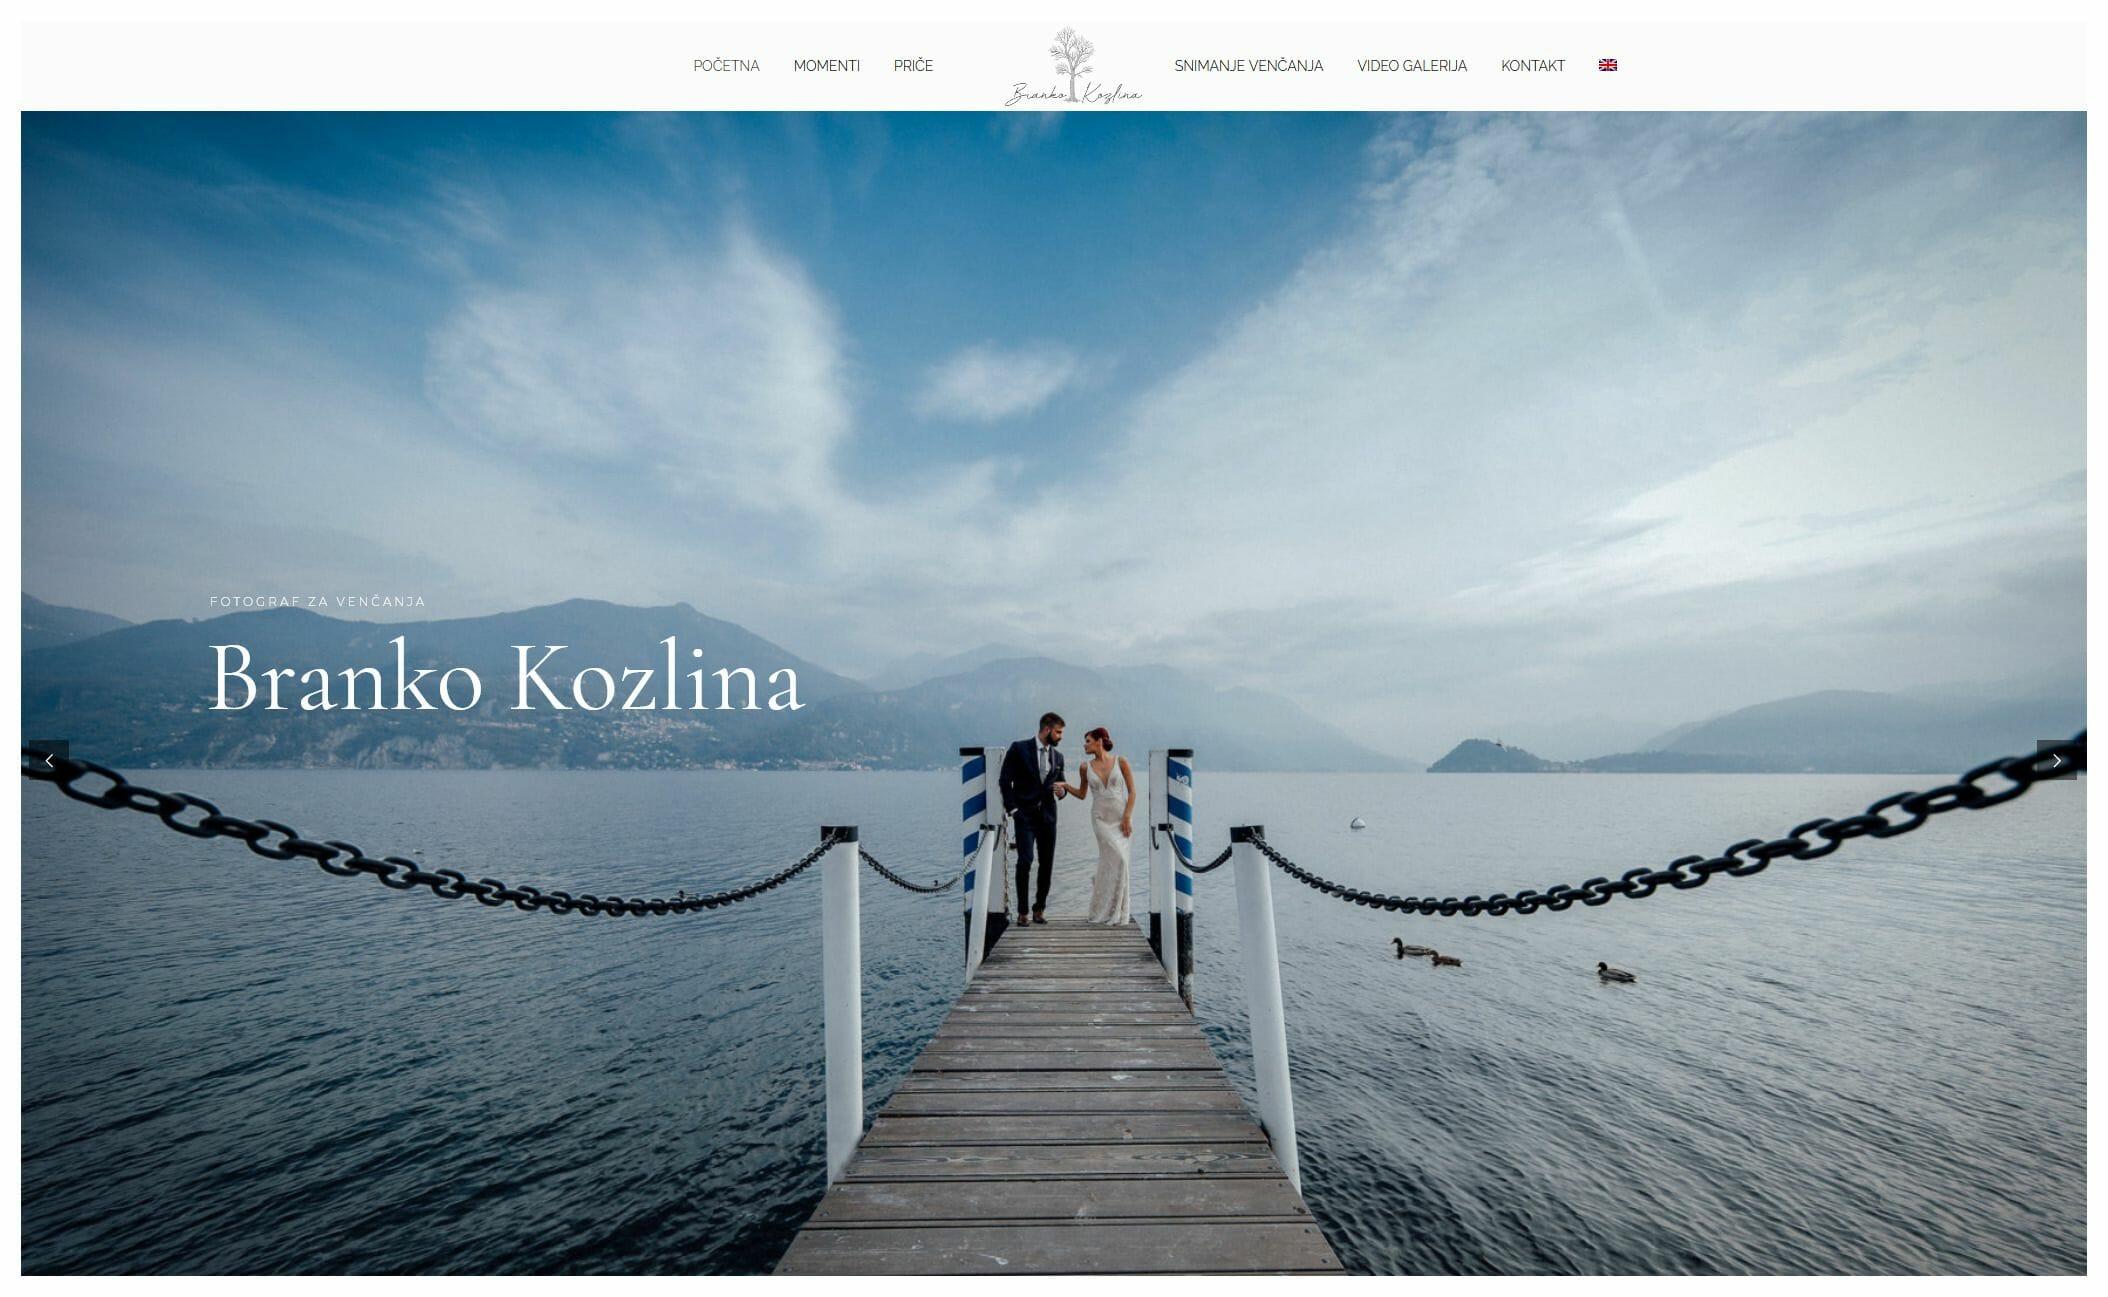 izrada sajta za fotografa